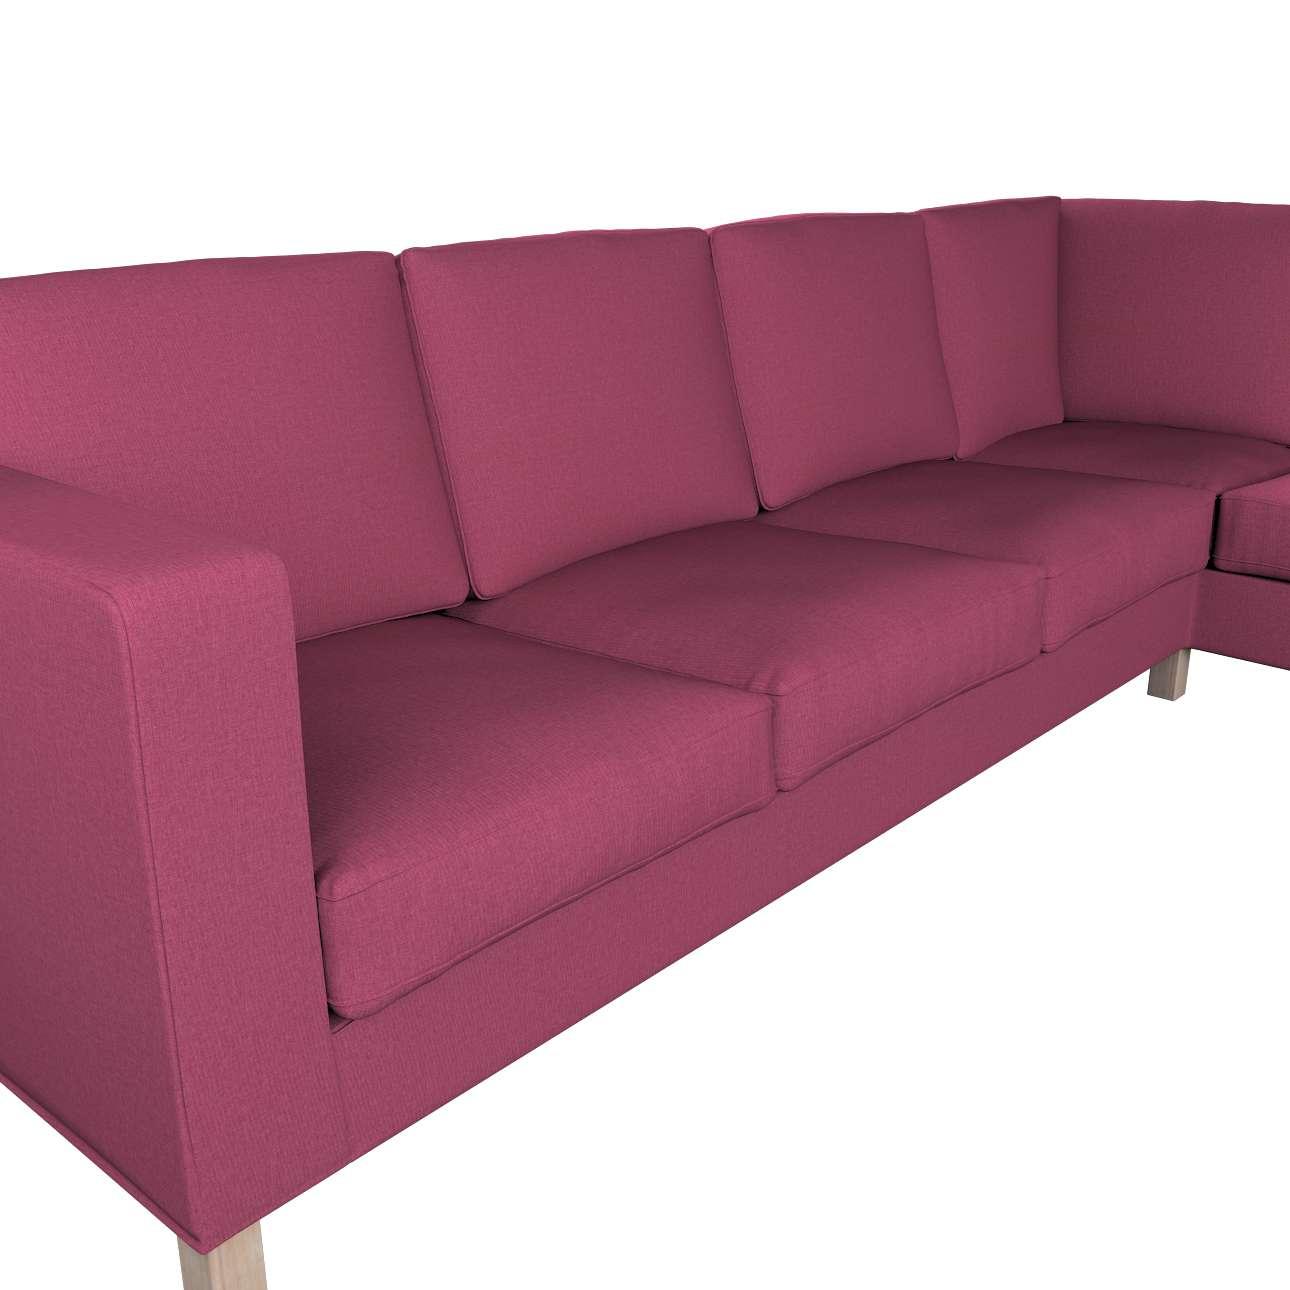 Pokrowiec na sofę narożną lewostronną Karlanda w kolekcji Living, tkanina: 160-44